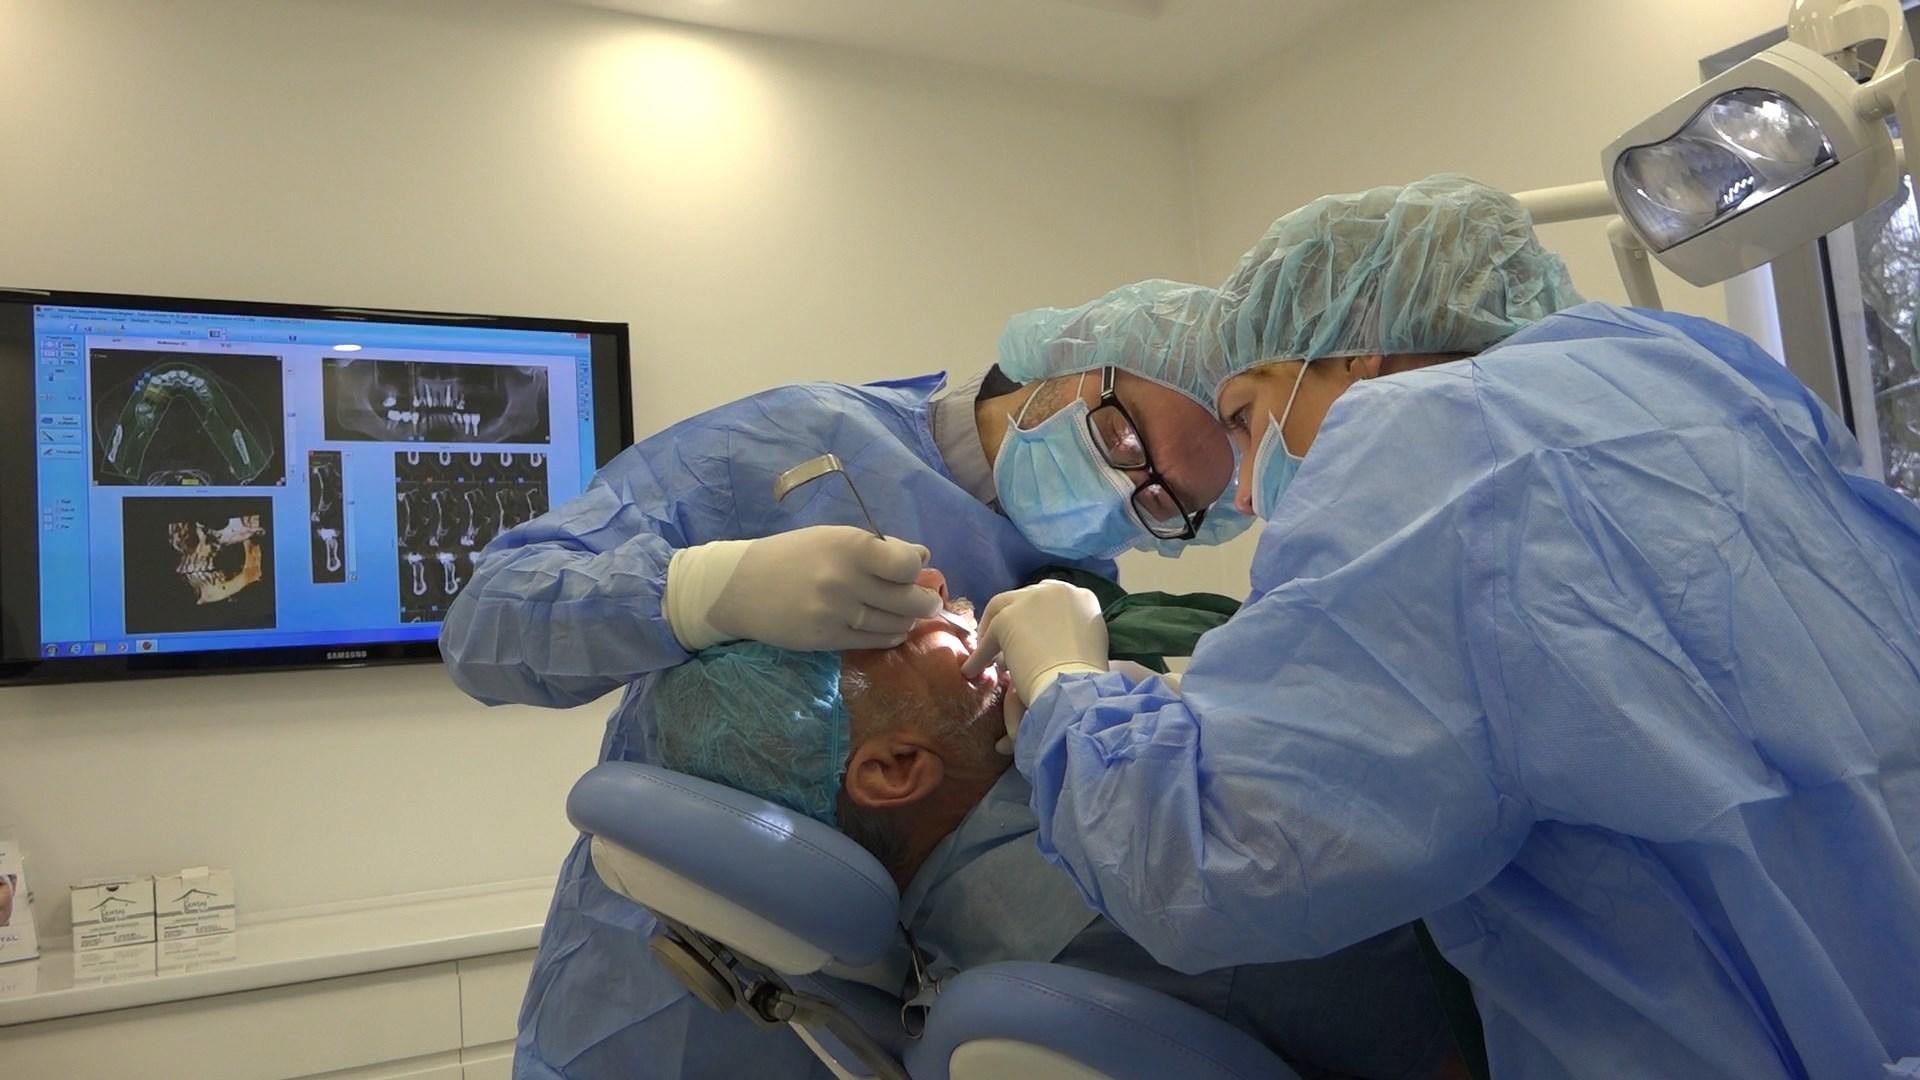 practiculum-implantologii-02-s8-006